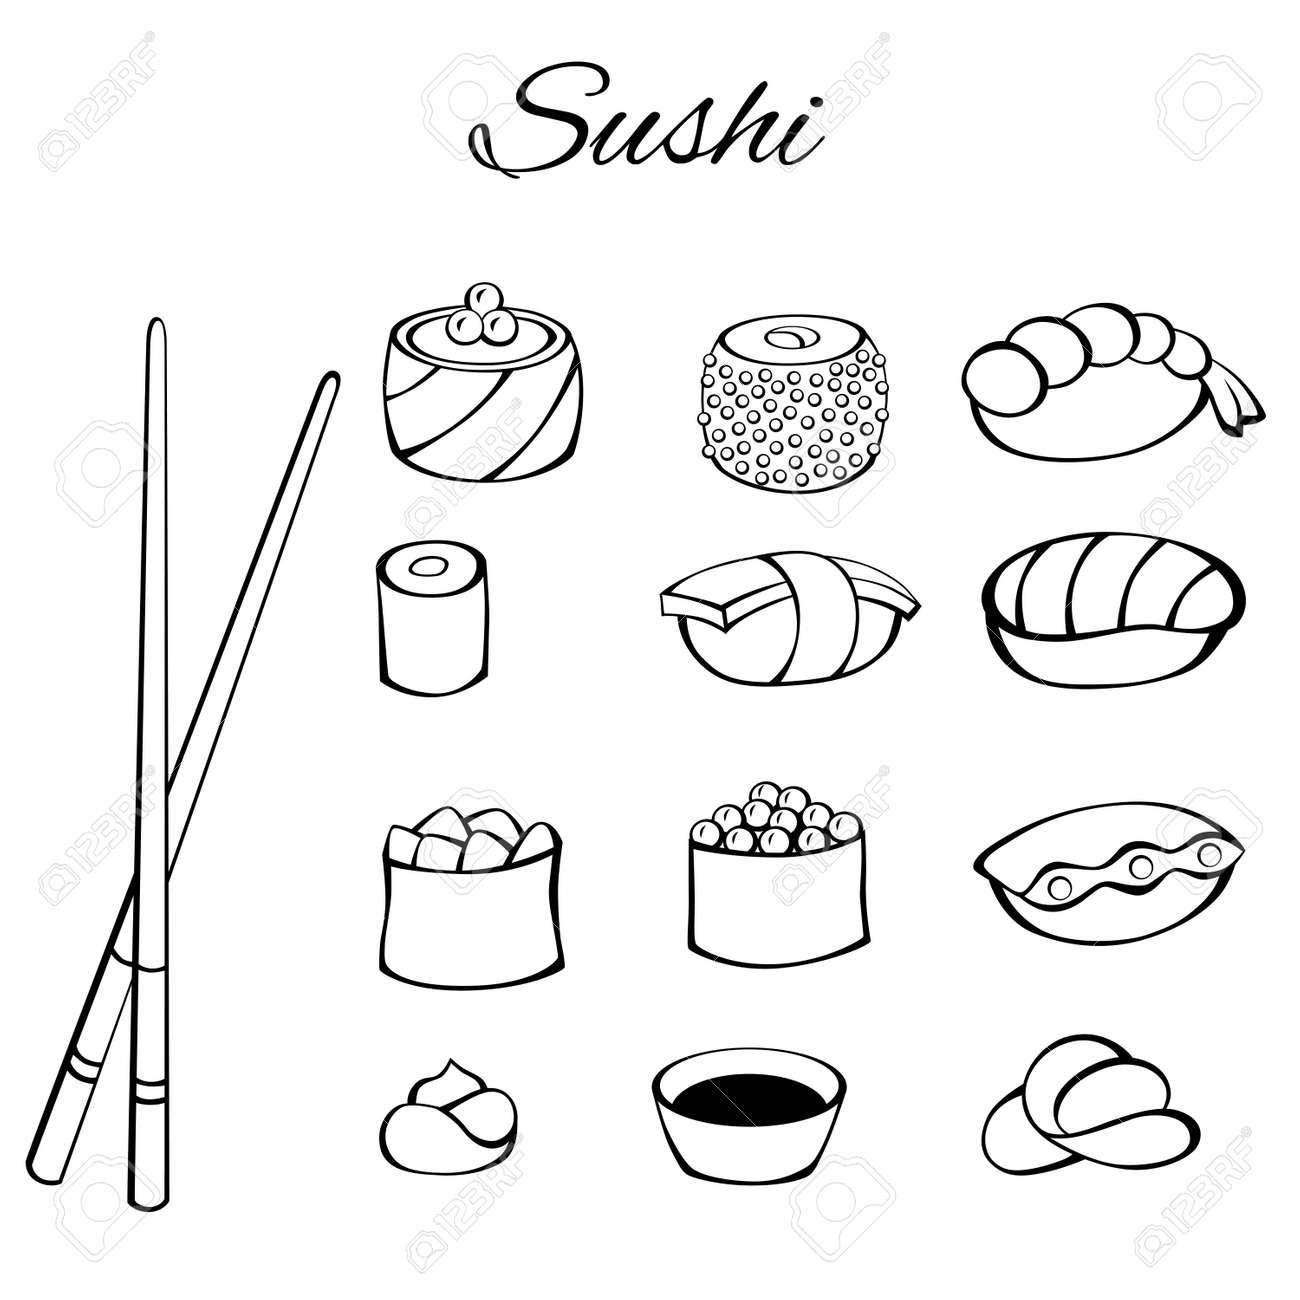 Sushi food set black white isolated illustration Фото со стока , 52898613